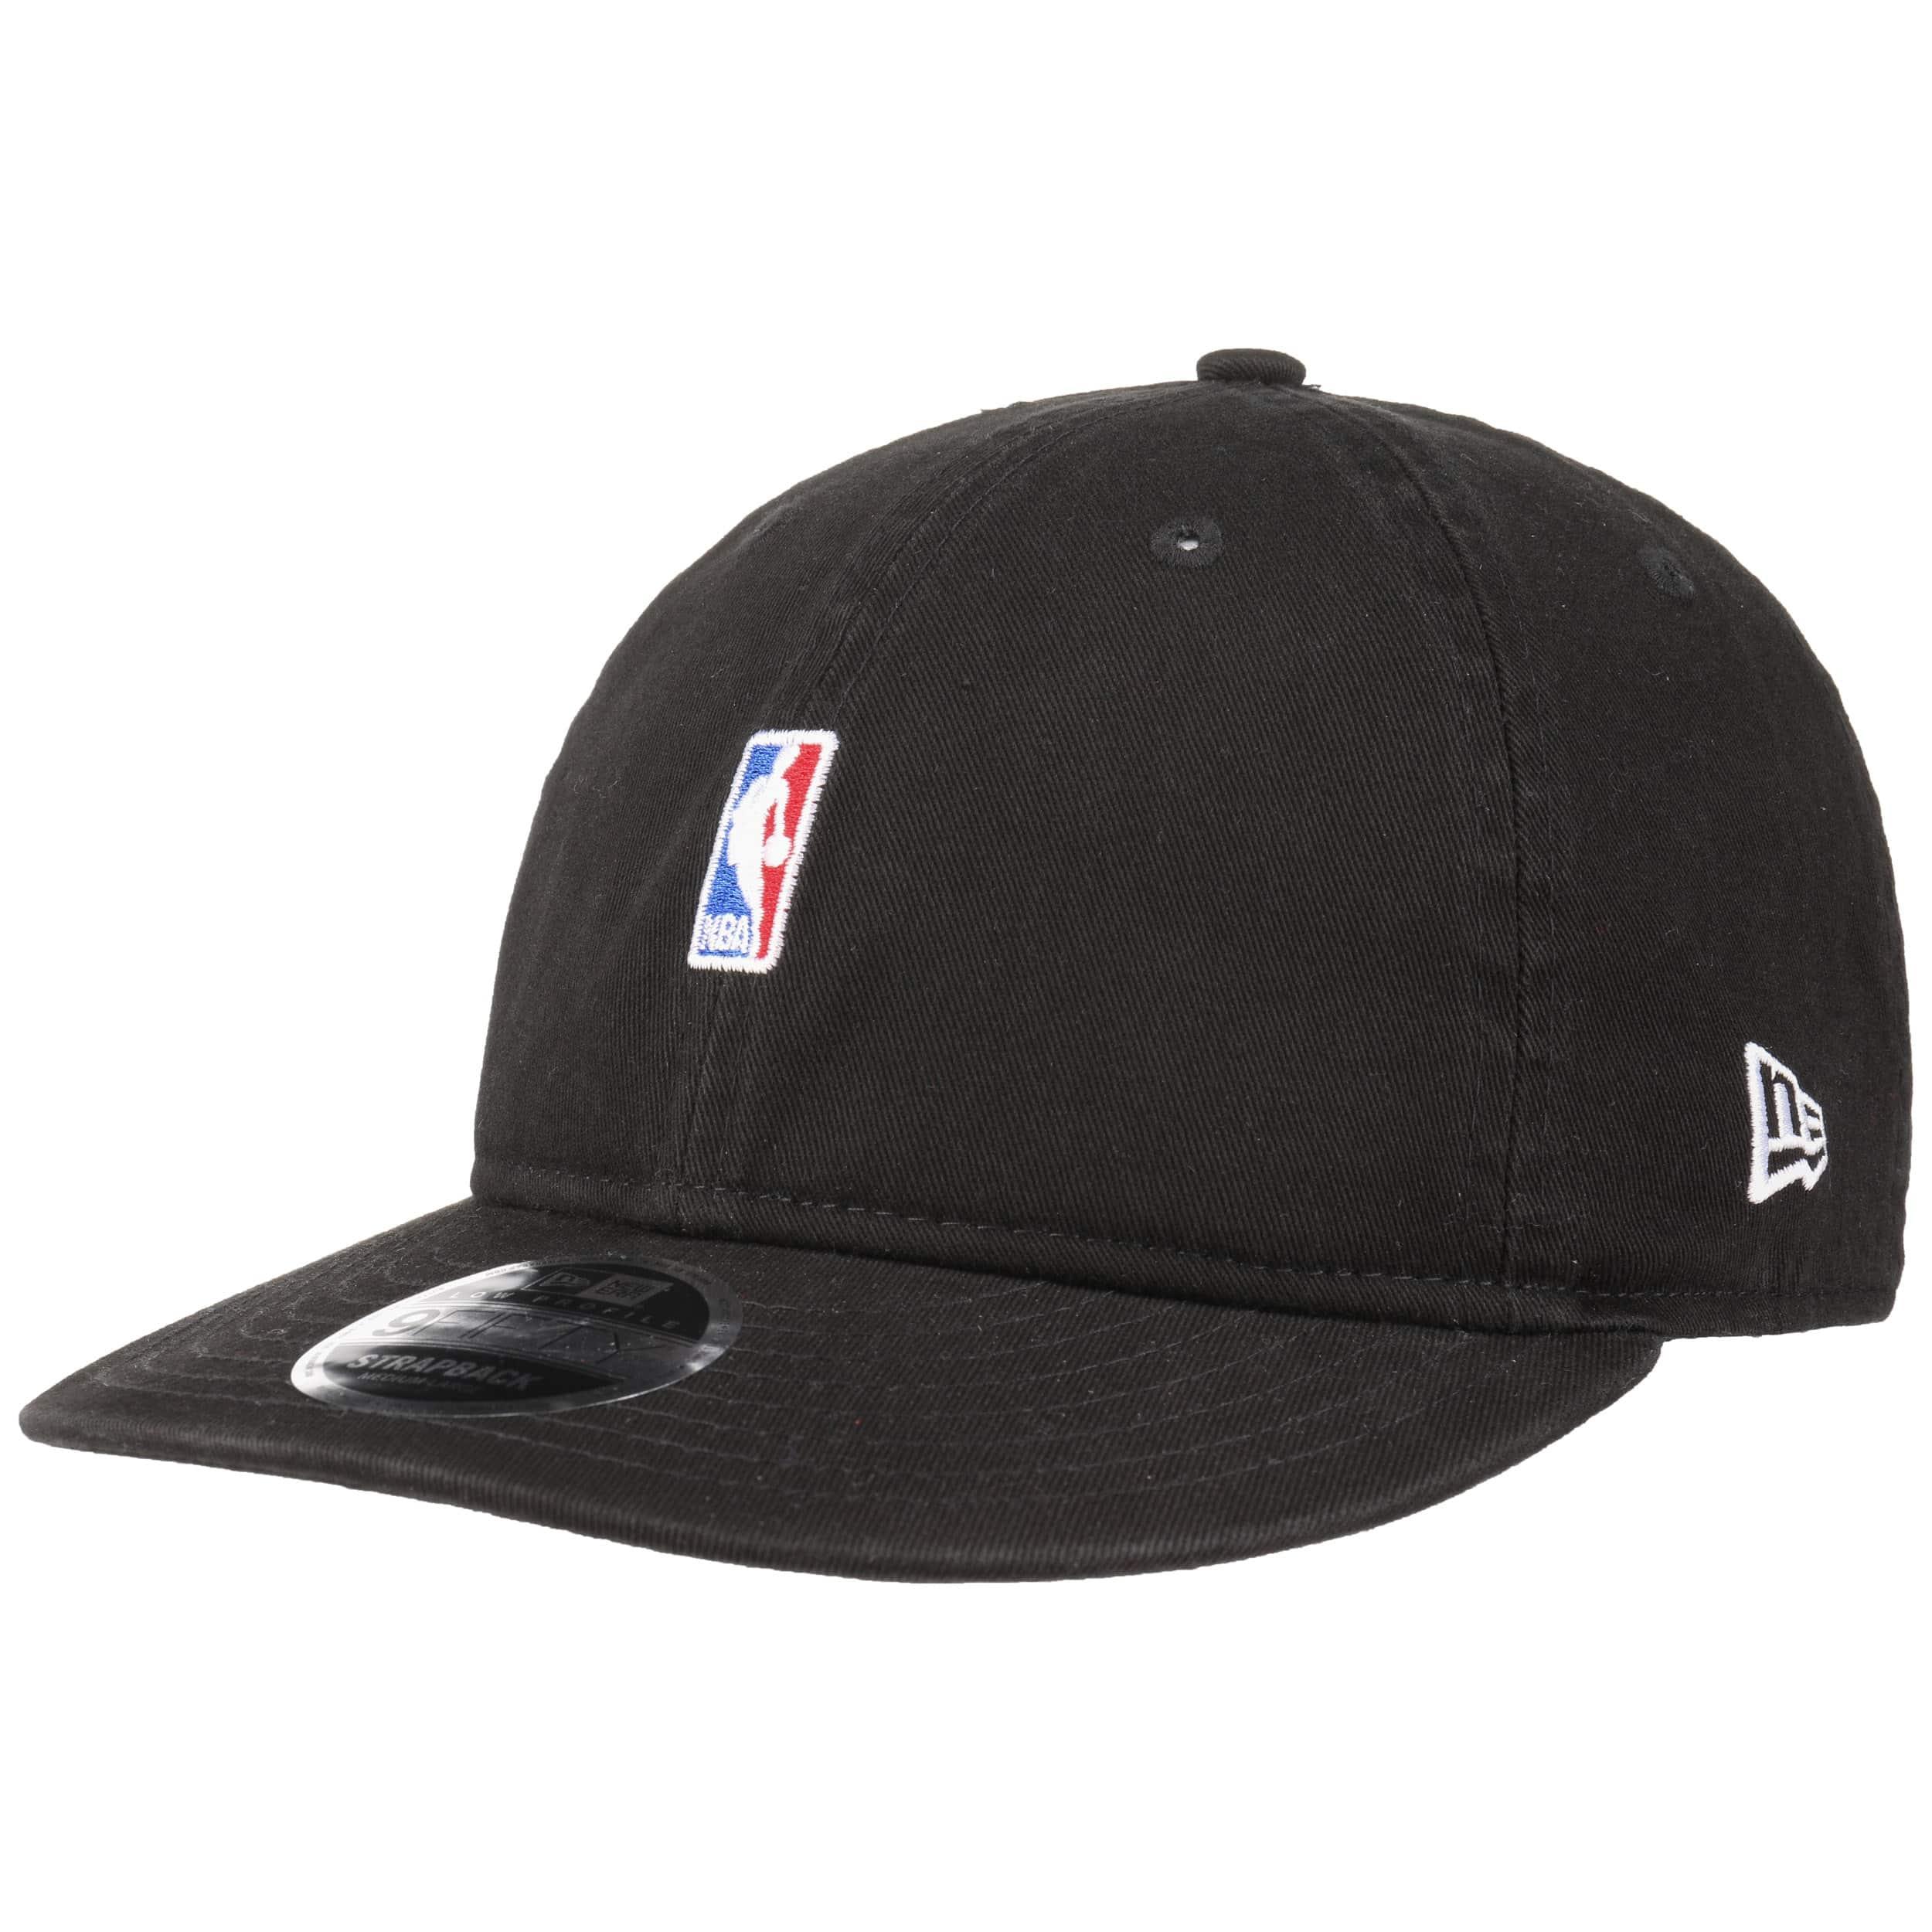 492187861e4dba ... 9Fifty Low Crown NBA Logo Cap by New Era - black 6 ...